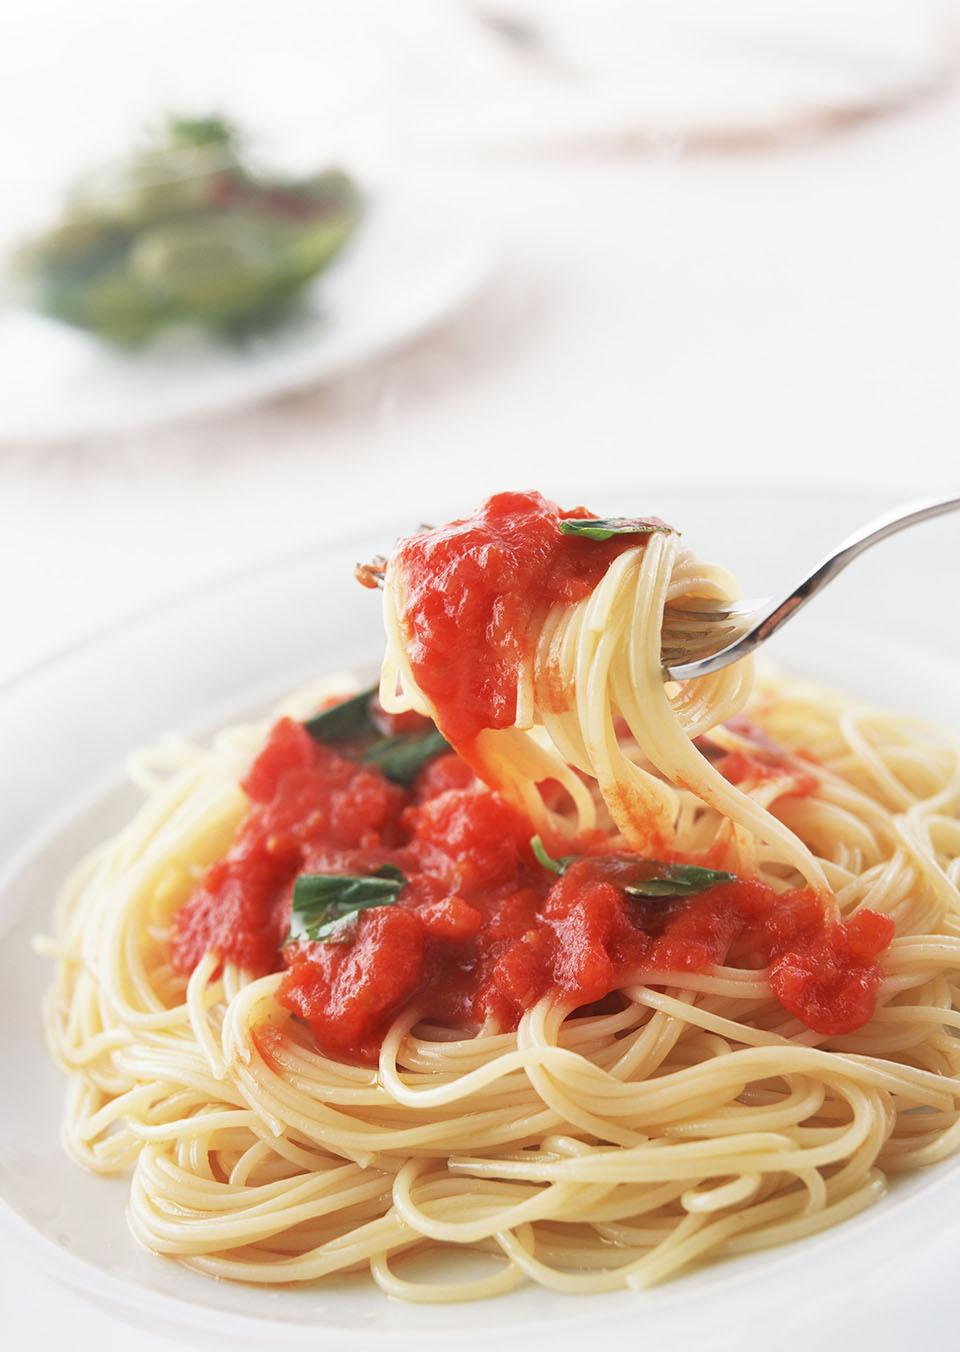 Si celebra oggi la Giornata mondiale della pasta